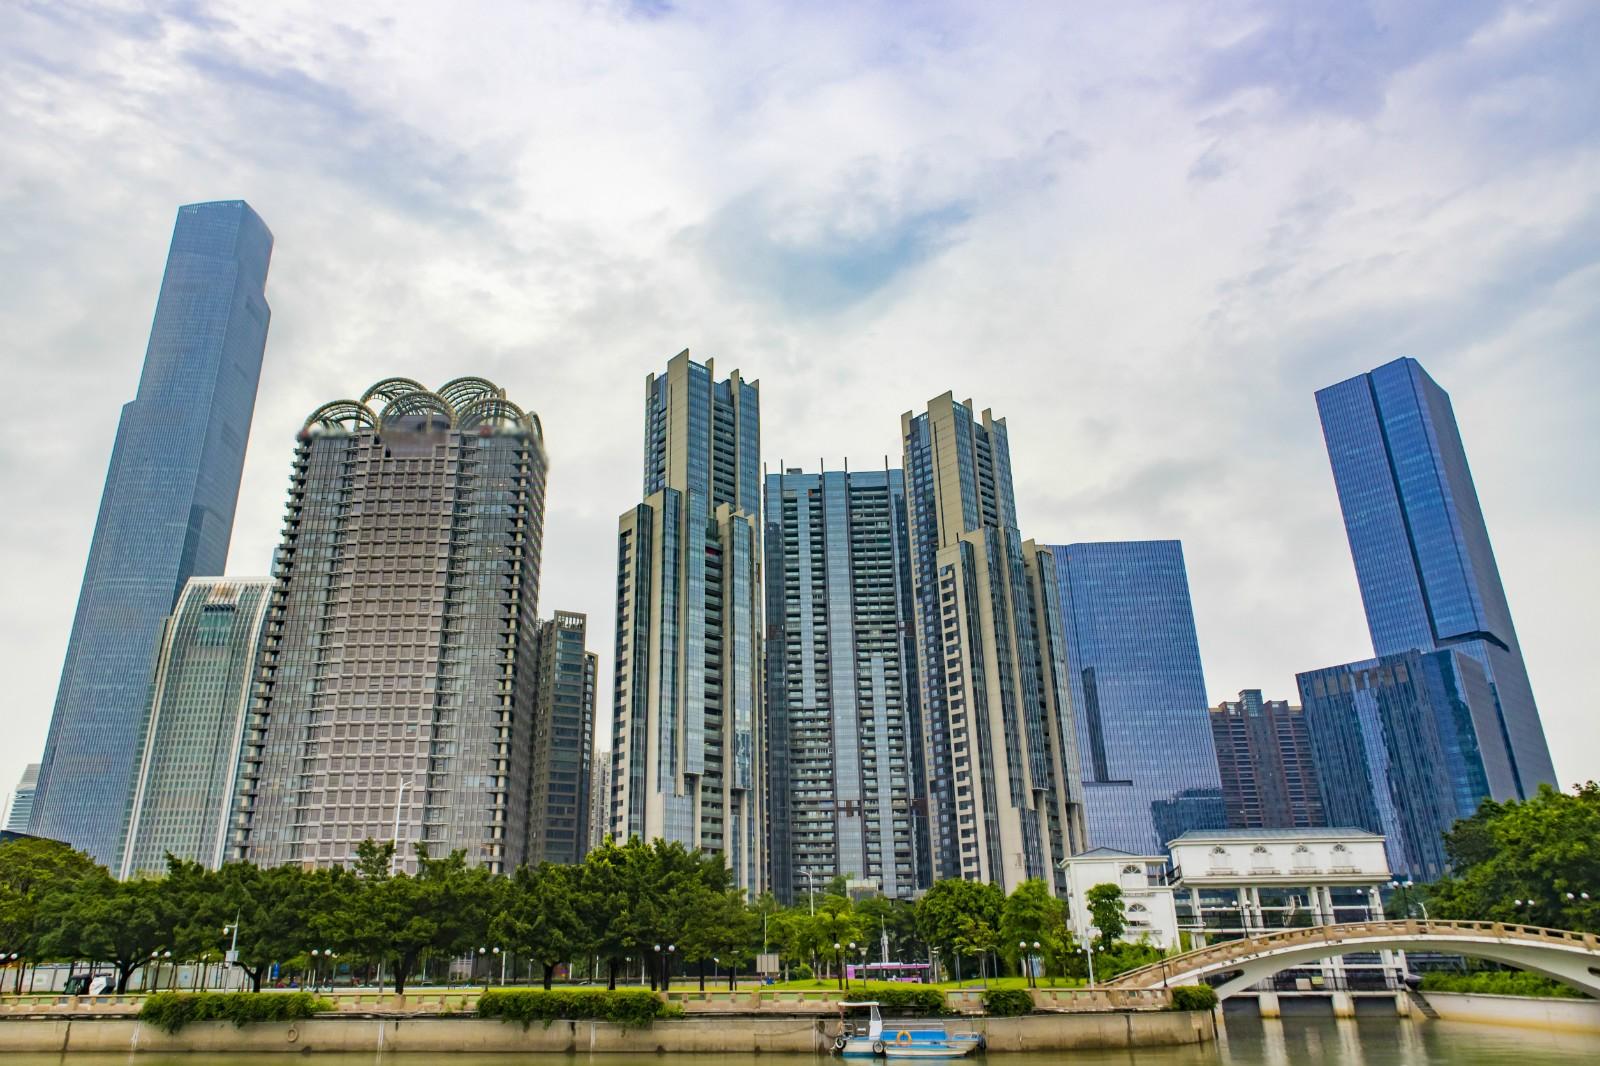 天津市代办营业执照讲解老板喜爱注册好几个公司的缘故